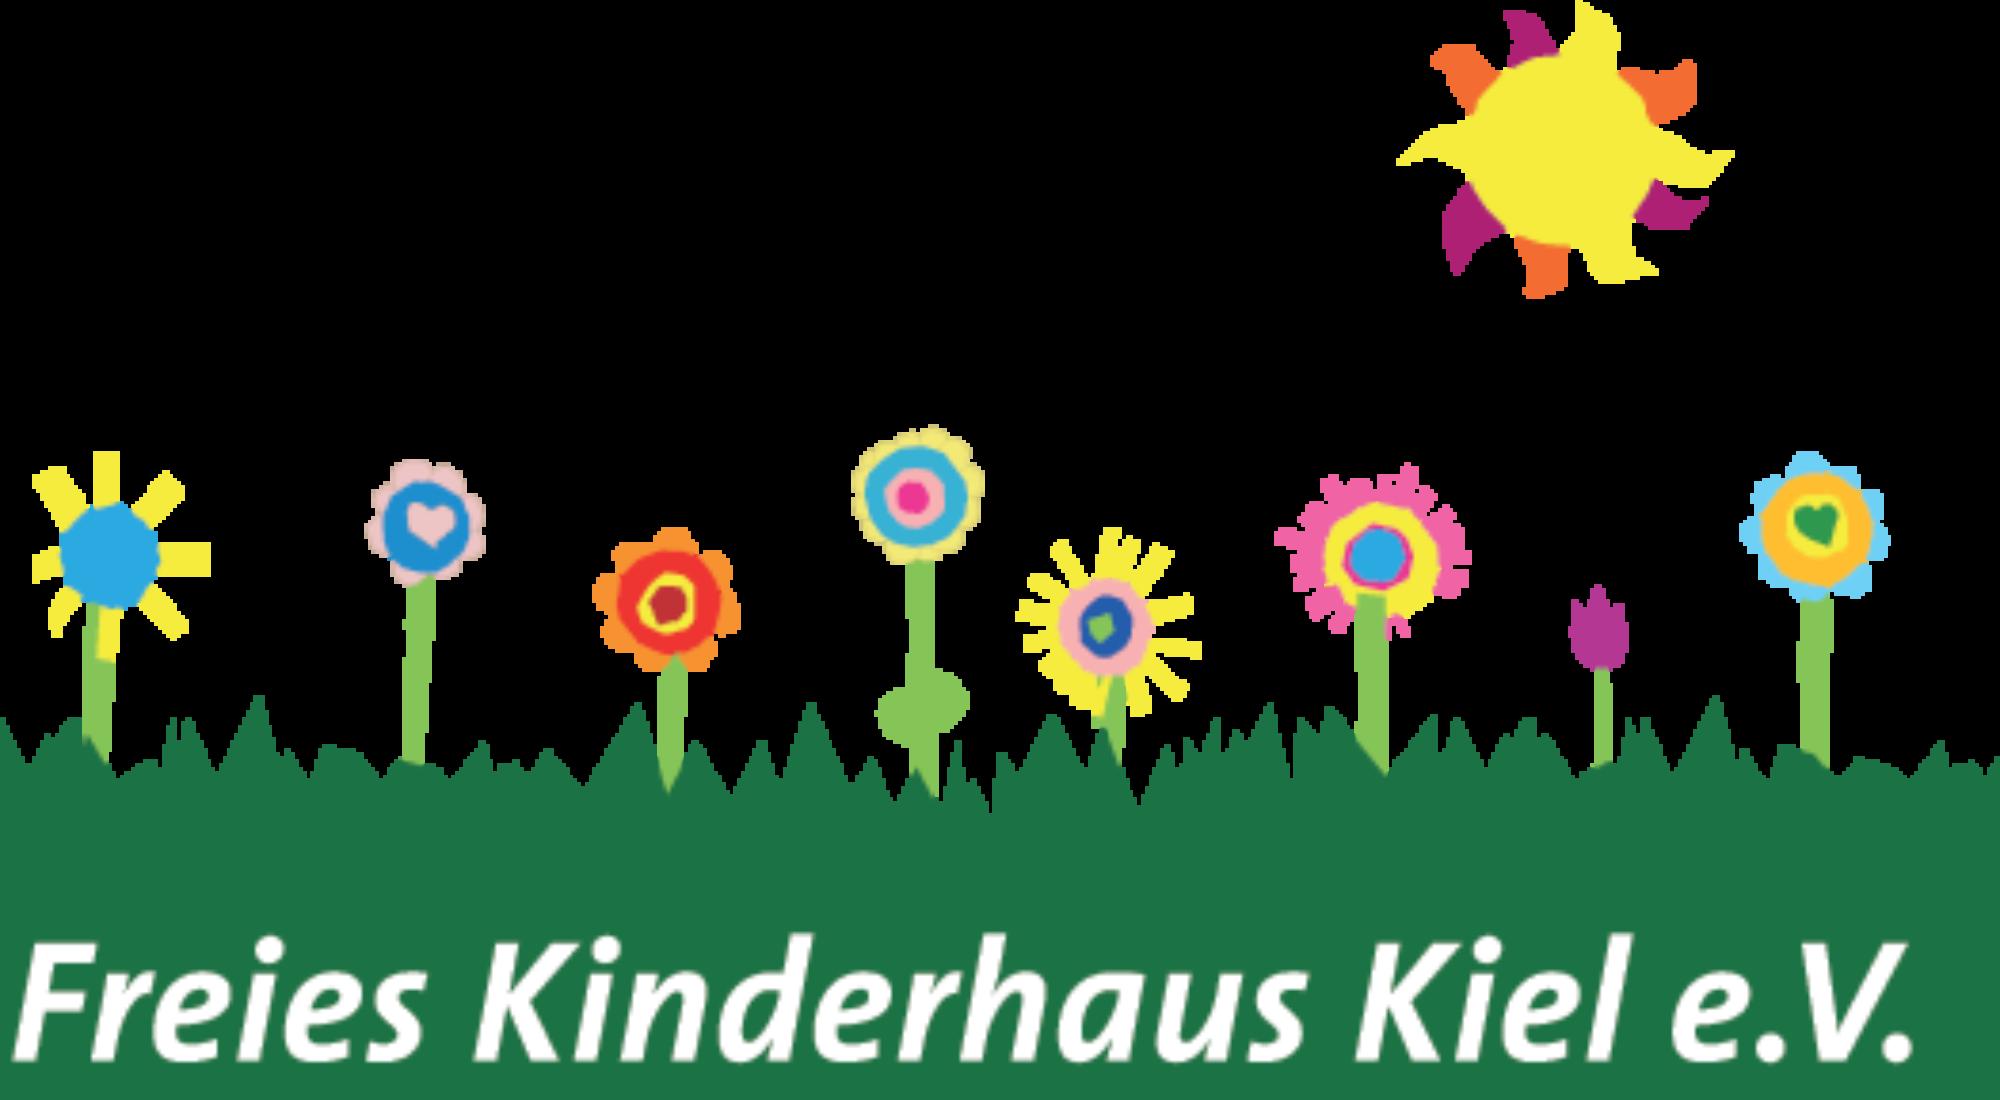 Freies Kinderhaus Kiel e.V.